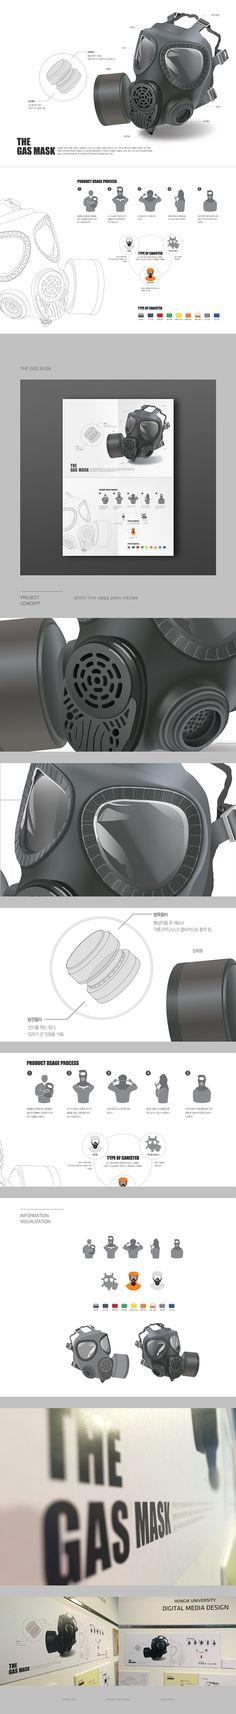 백하은│ Information Design 2014│ Dept. of Digital Media Design │#hicoda │hicoda.hongik.ac.kr